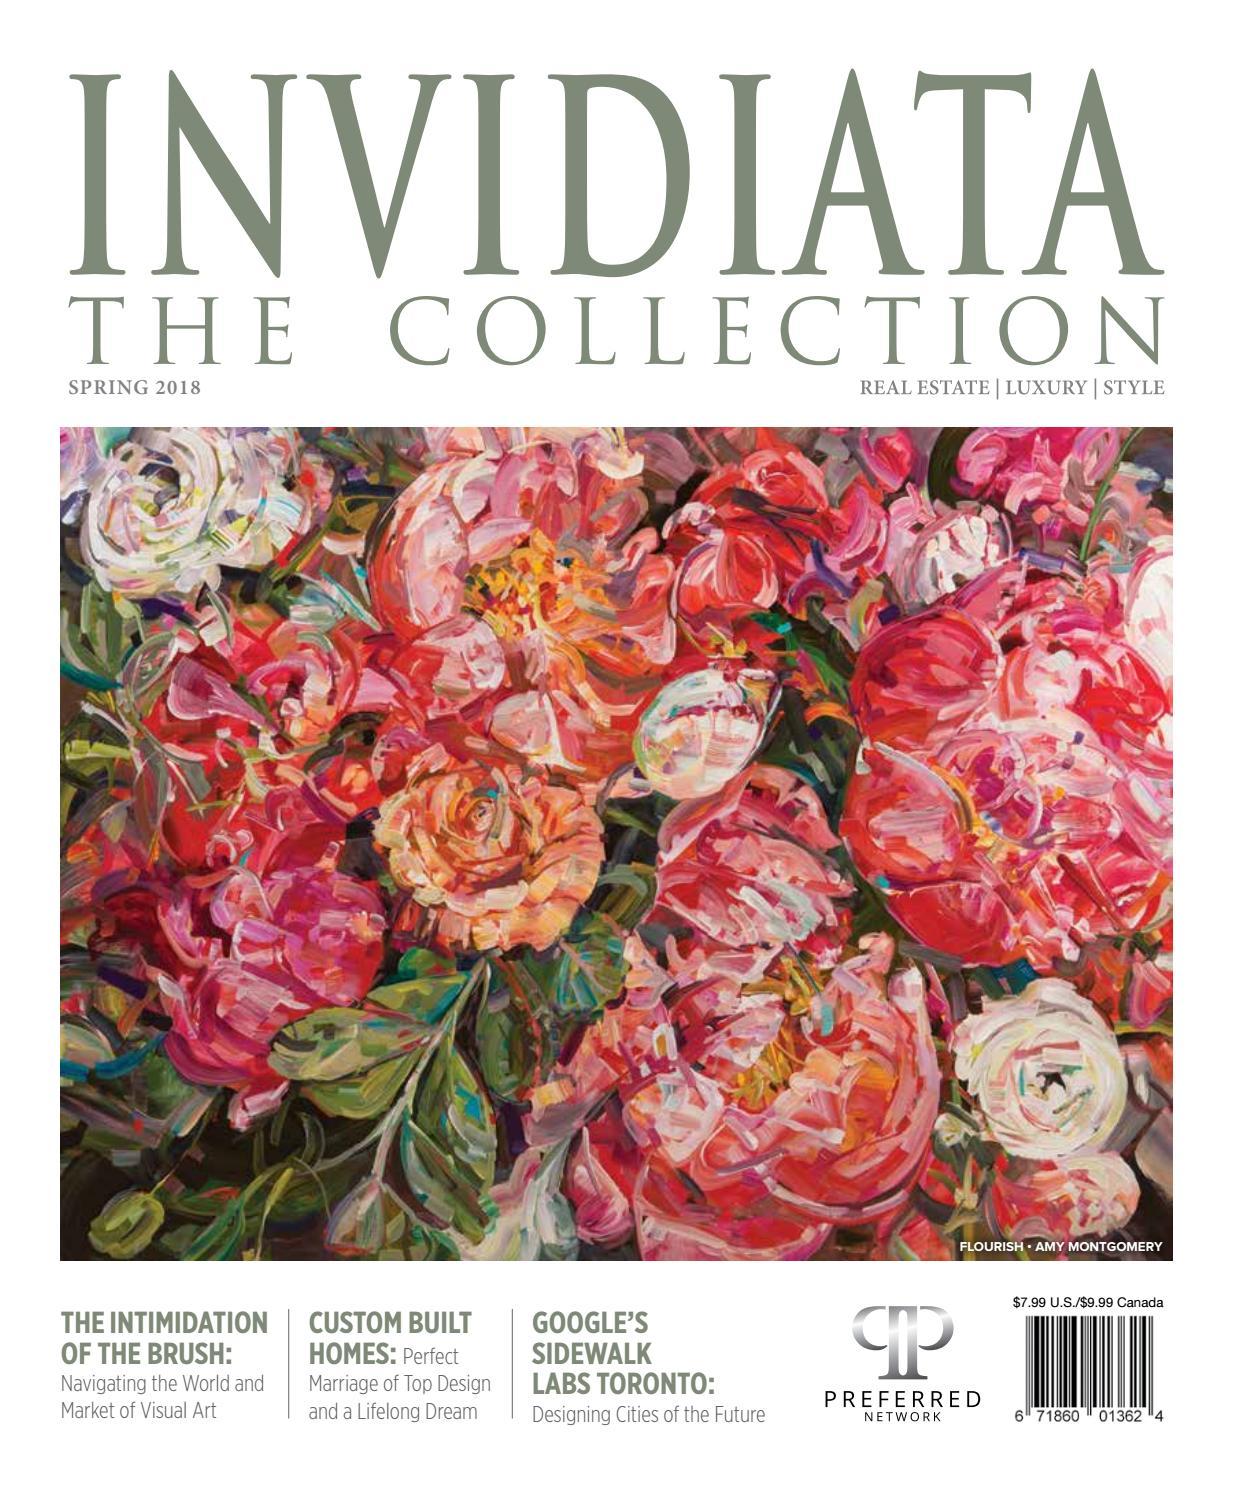 4434de6d4e4 Invidiata Collection Spring 2018 by Preferred Publishing - issuu